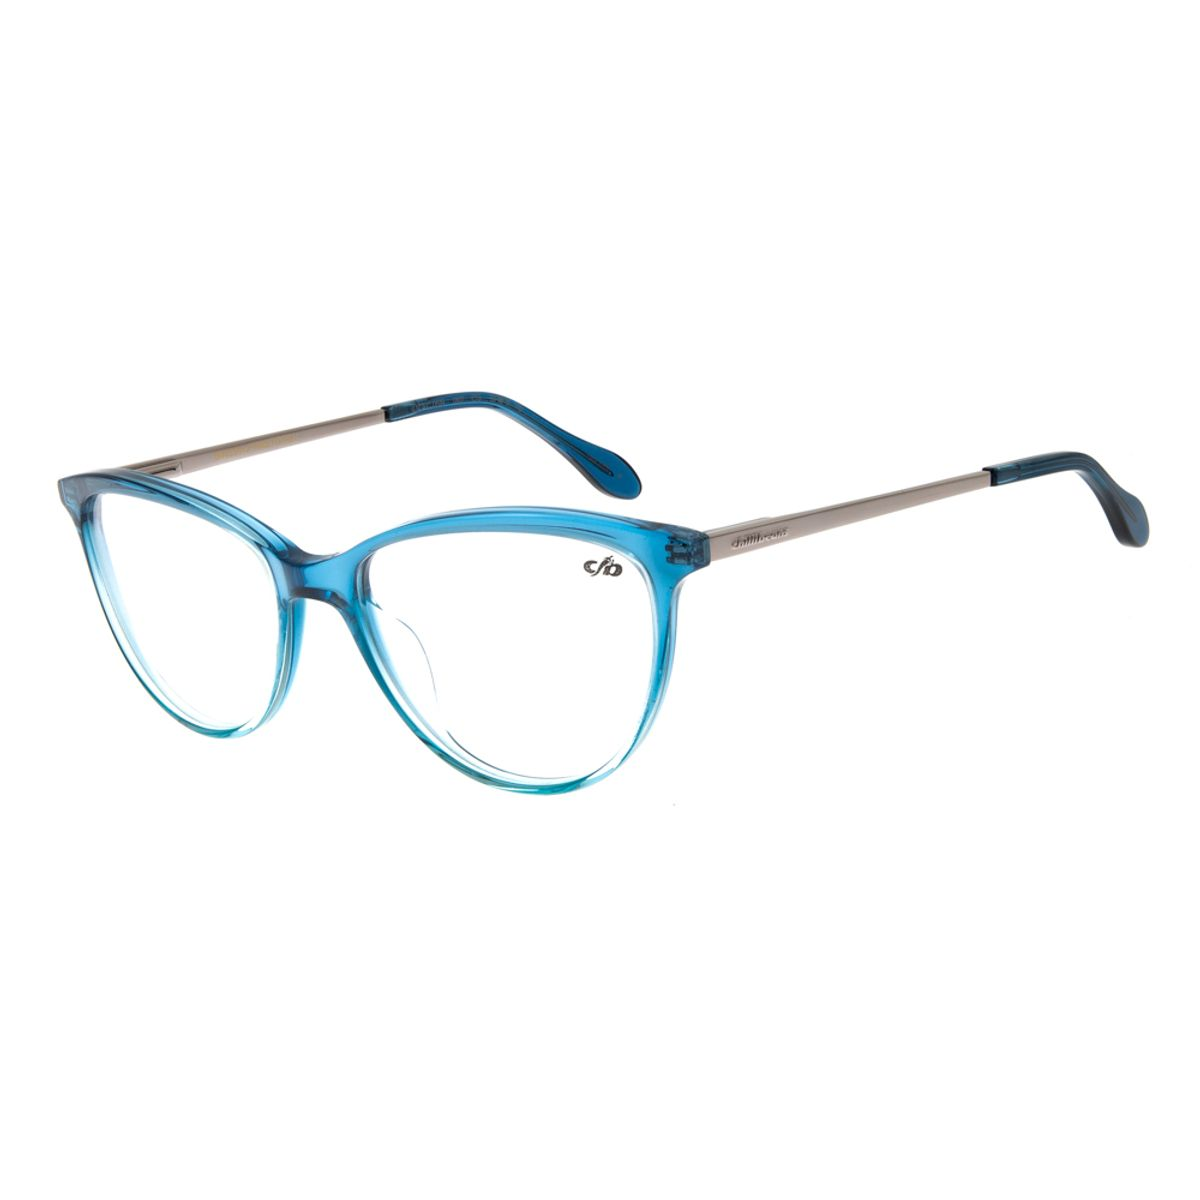 7eb8c8eed Armação para Óculos de Grau Feminino Gatinho Azul - Chilli Beans